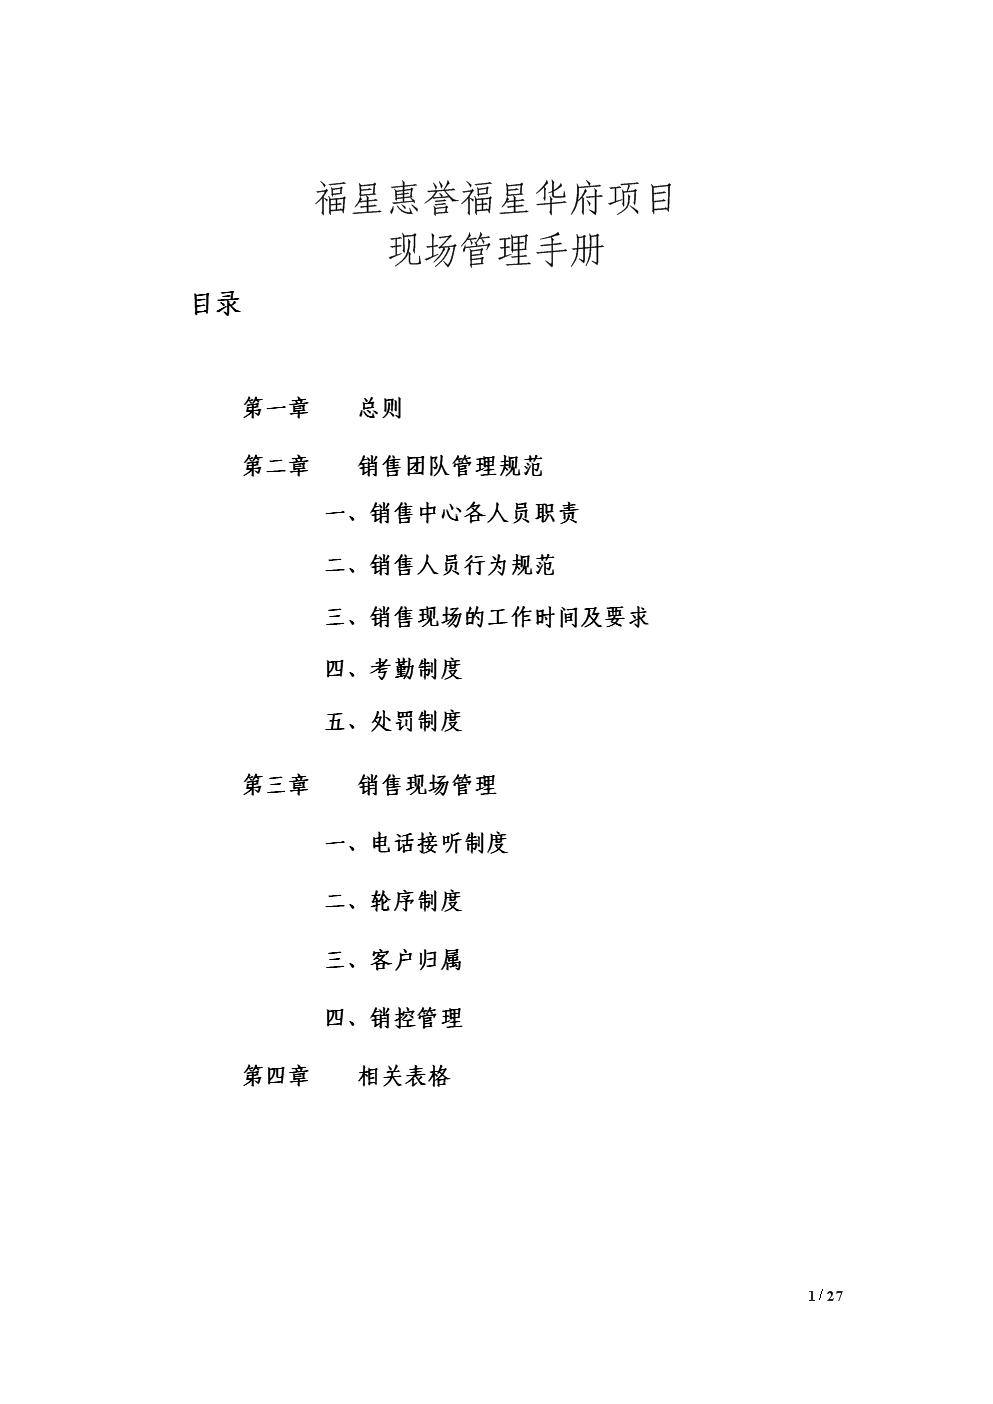 20140714福星华府现场管理制度(修改版).doc